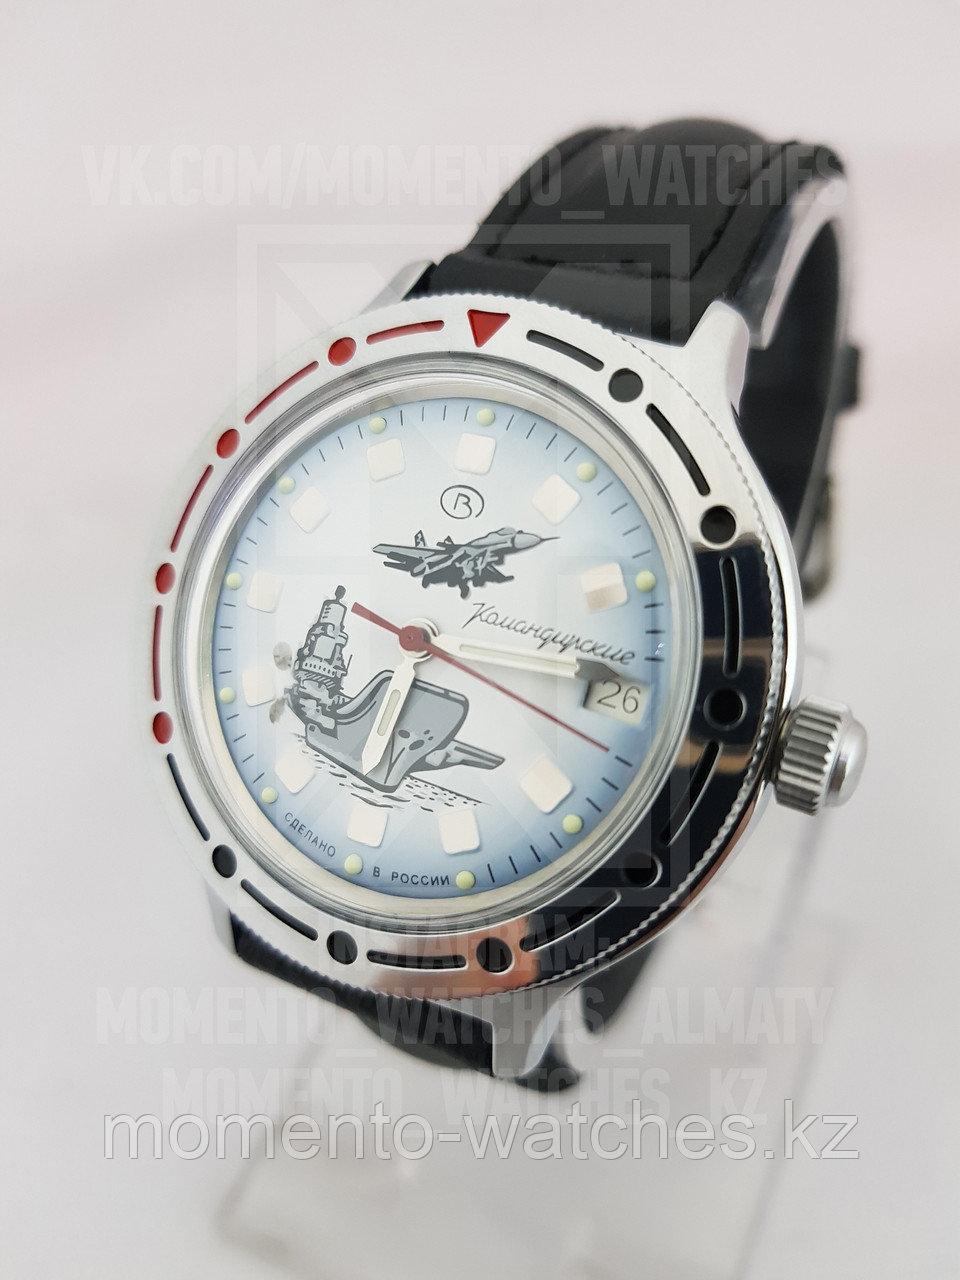 Мужские часы Восток Командирские с Автоподзаводом